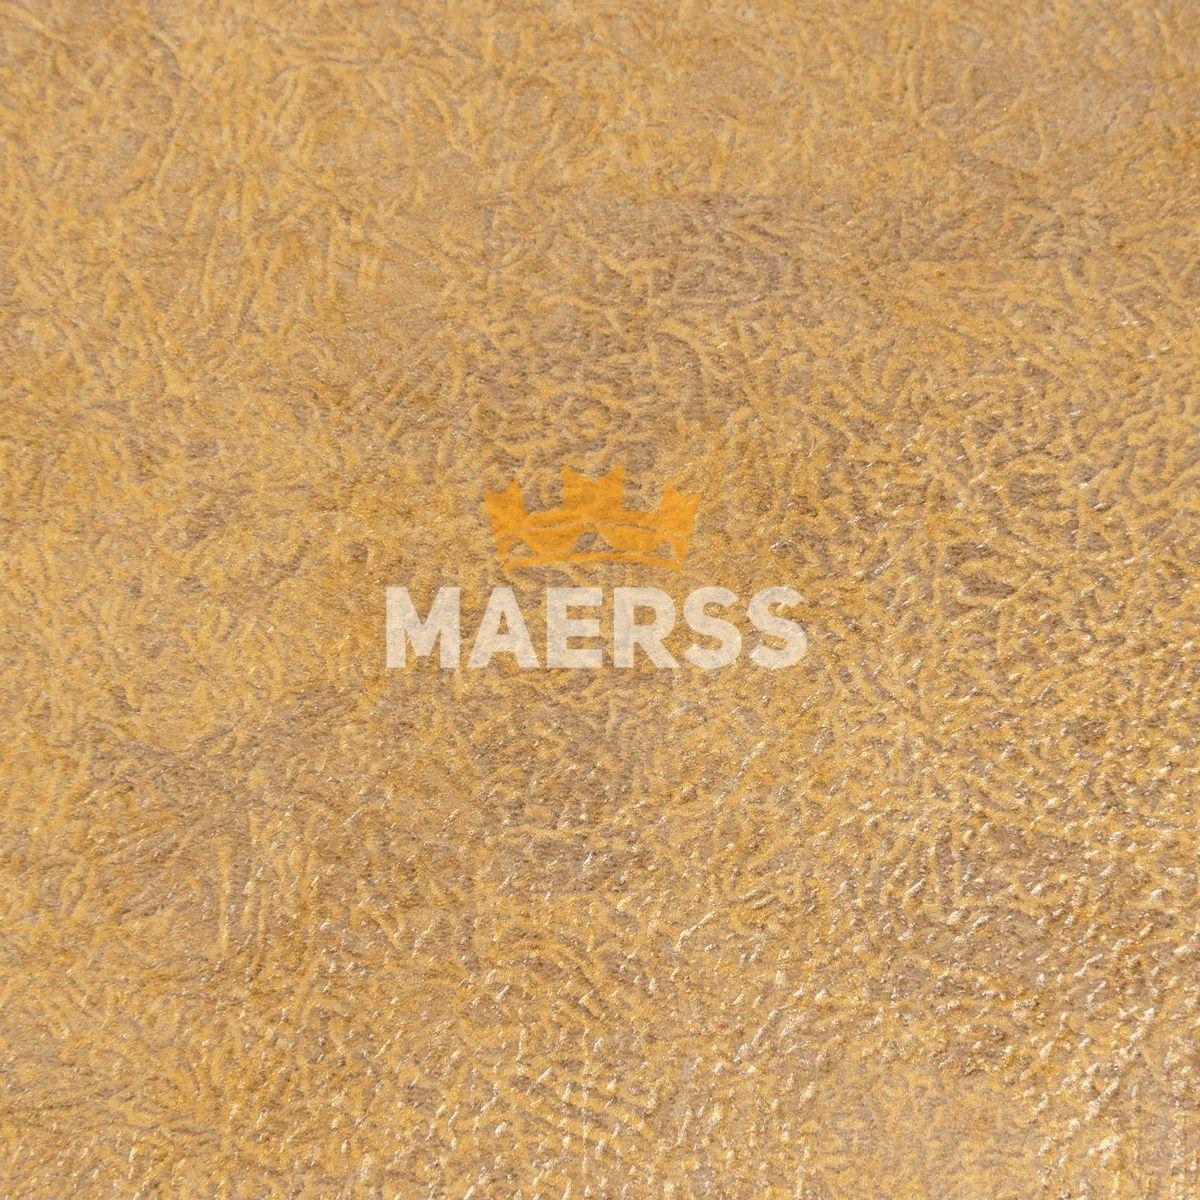 Столешница структурная 5001/SO 7гр. Золотая патина ДСП / Пластик купить в интернет-магазине МАЕРСС